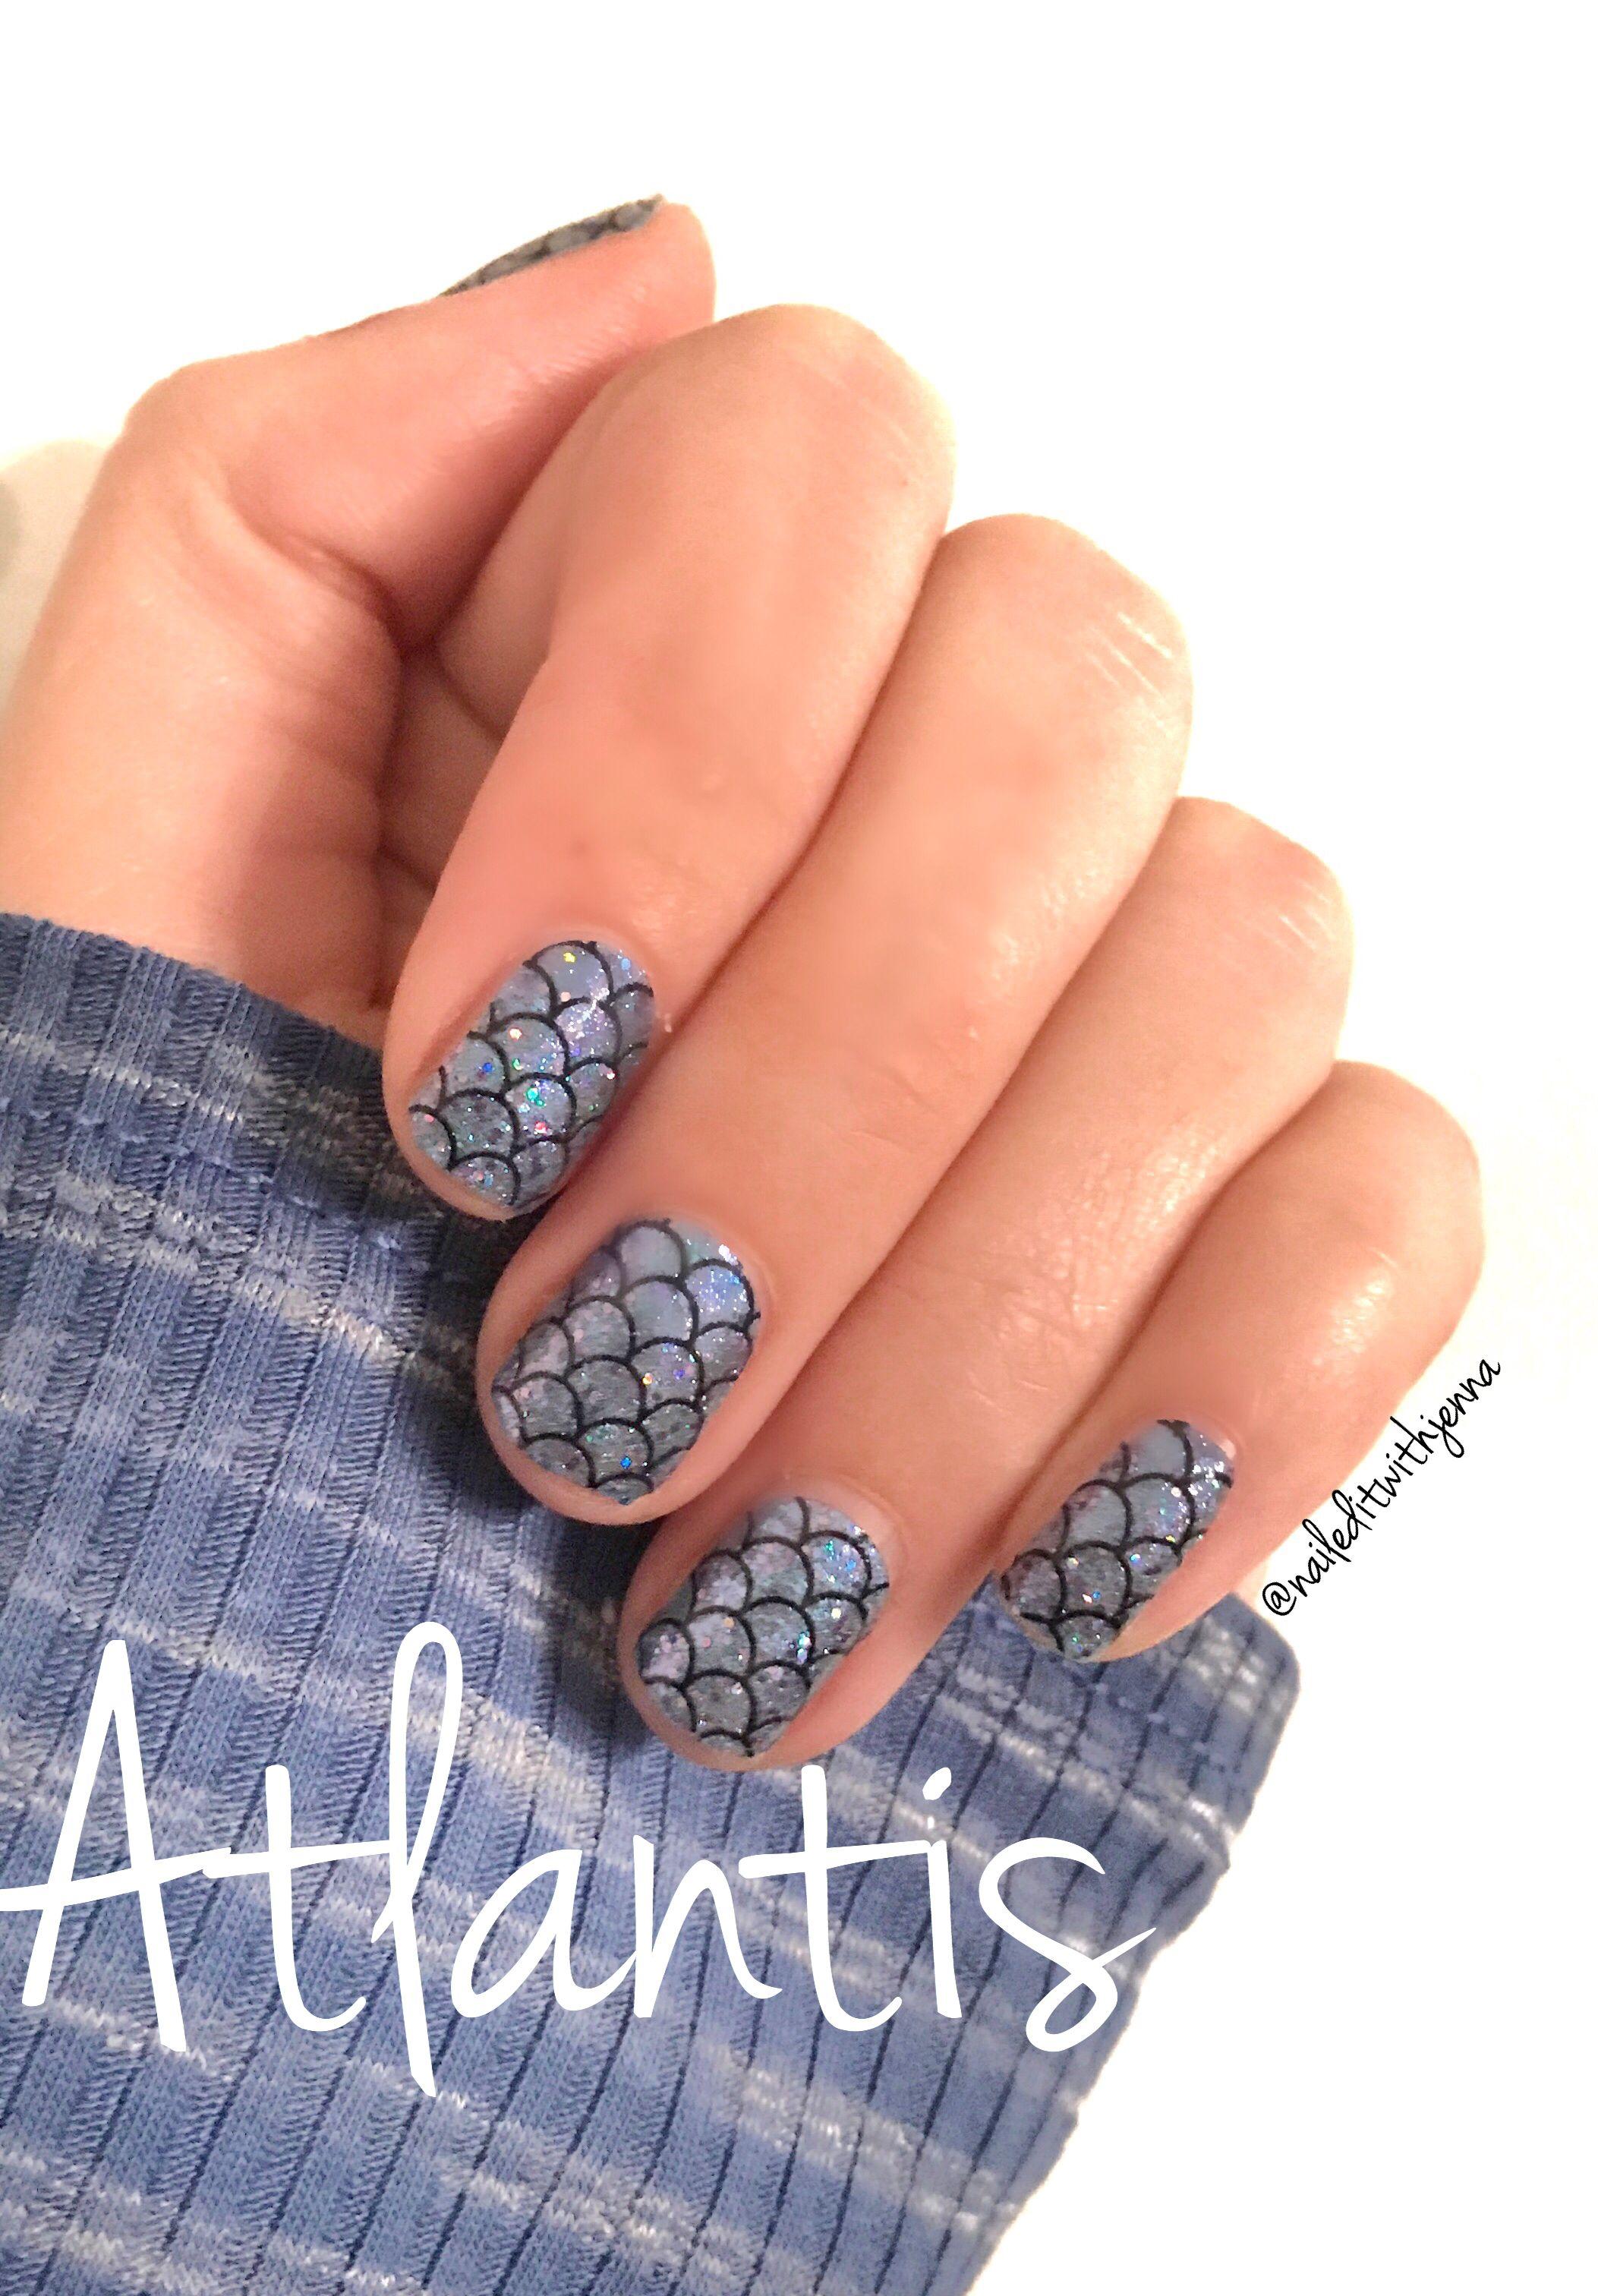 Atlantis nail polish strips from Color Street. 100% nail polish ...